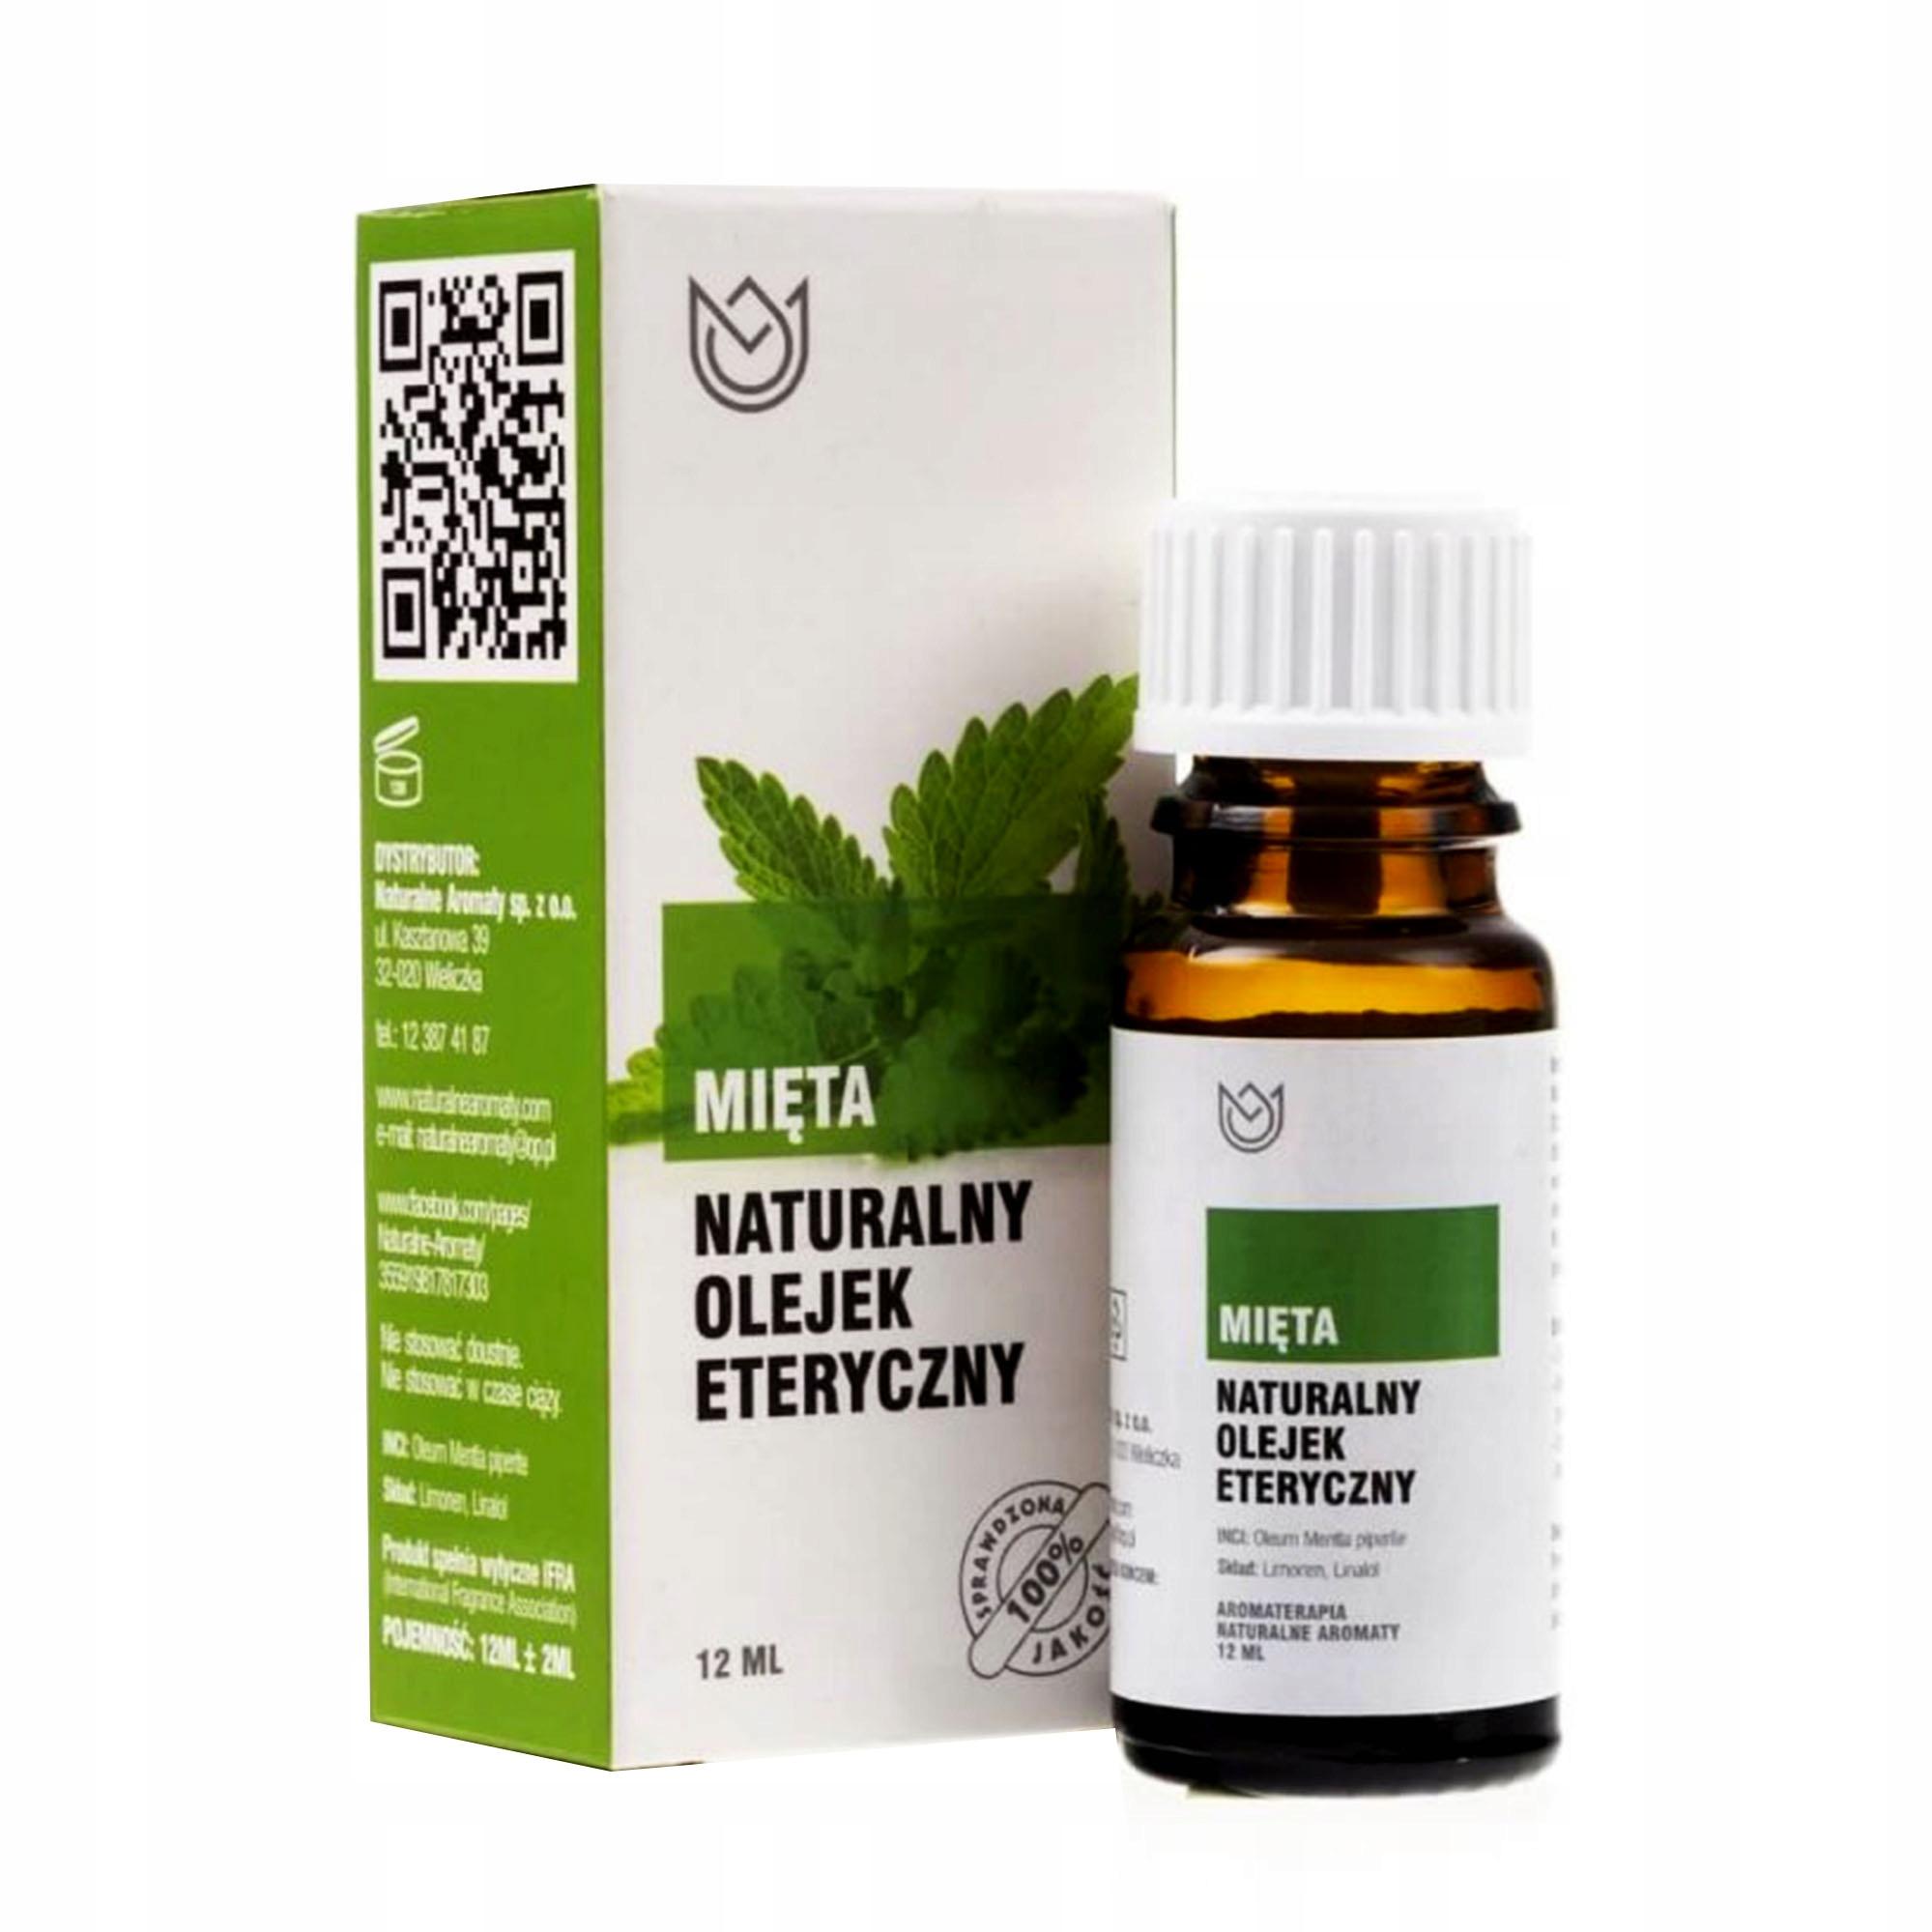 NATURALNE OLEJKI ETERYCZNE zestaw 9szt lecznicze Pojemność 12 ml